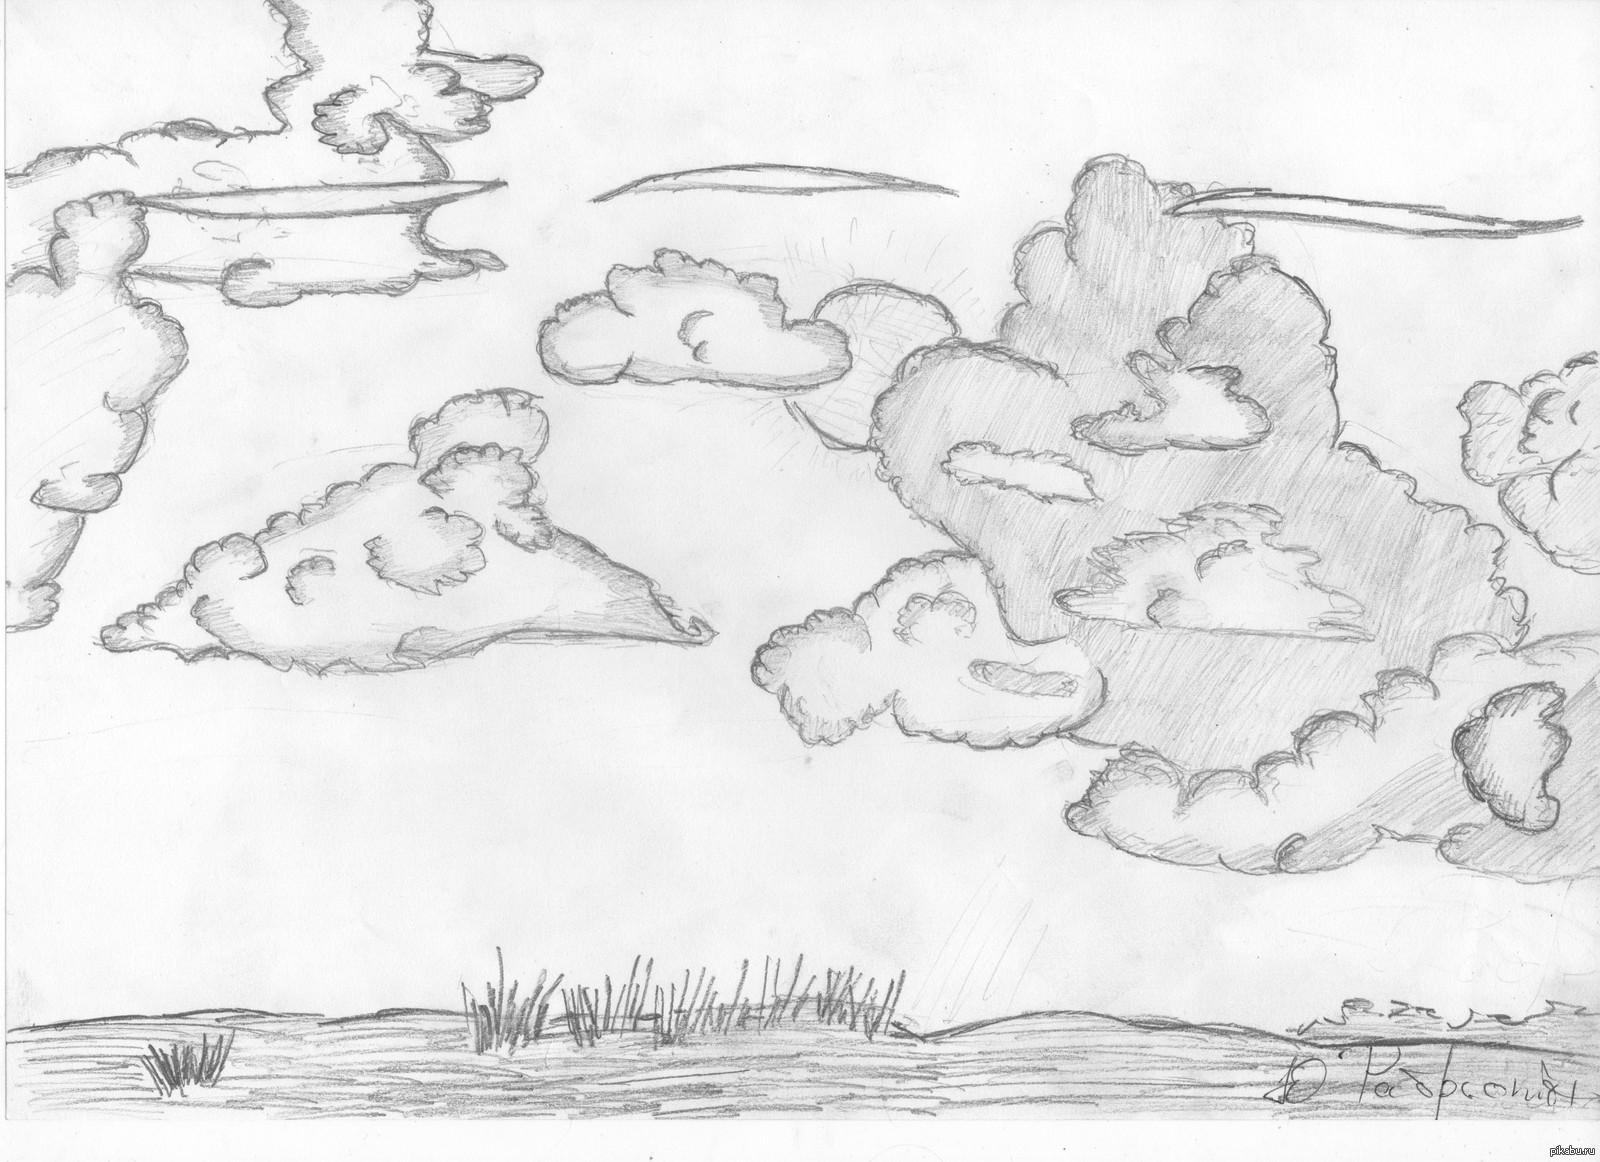 рисунок красоты неба карандашом путеводитель прекрасный способ